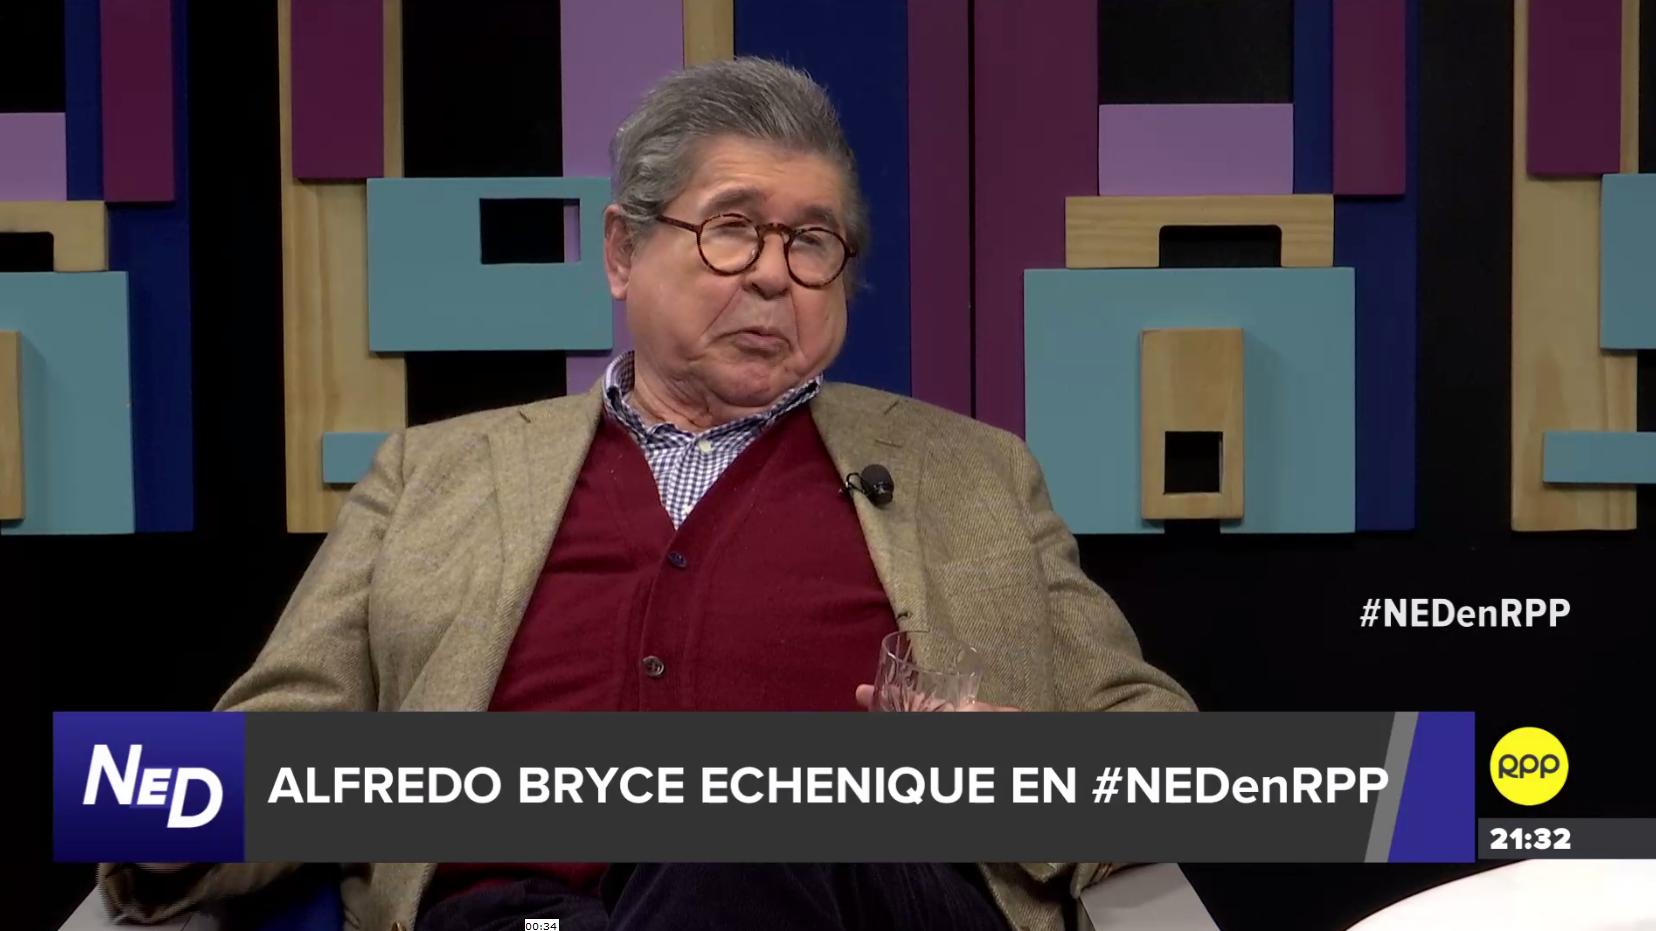 Alfredo Bryce Echenique sobre comentarios de Belmont sobre venezolanos.